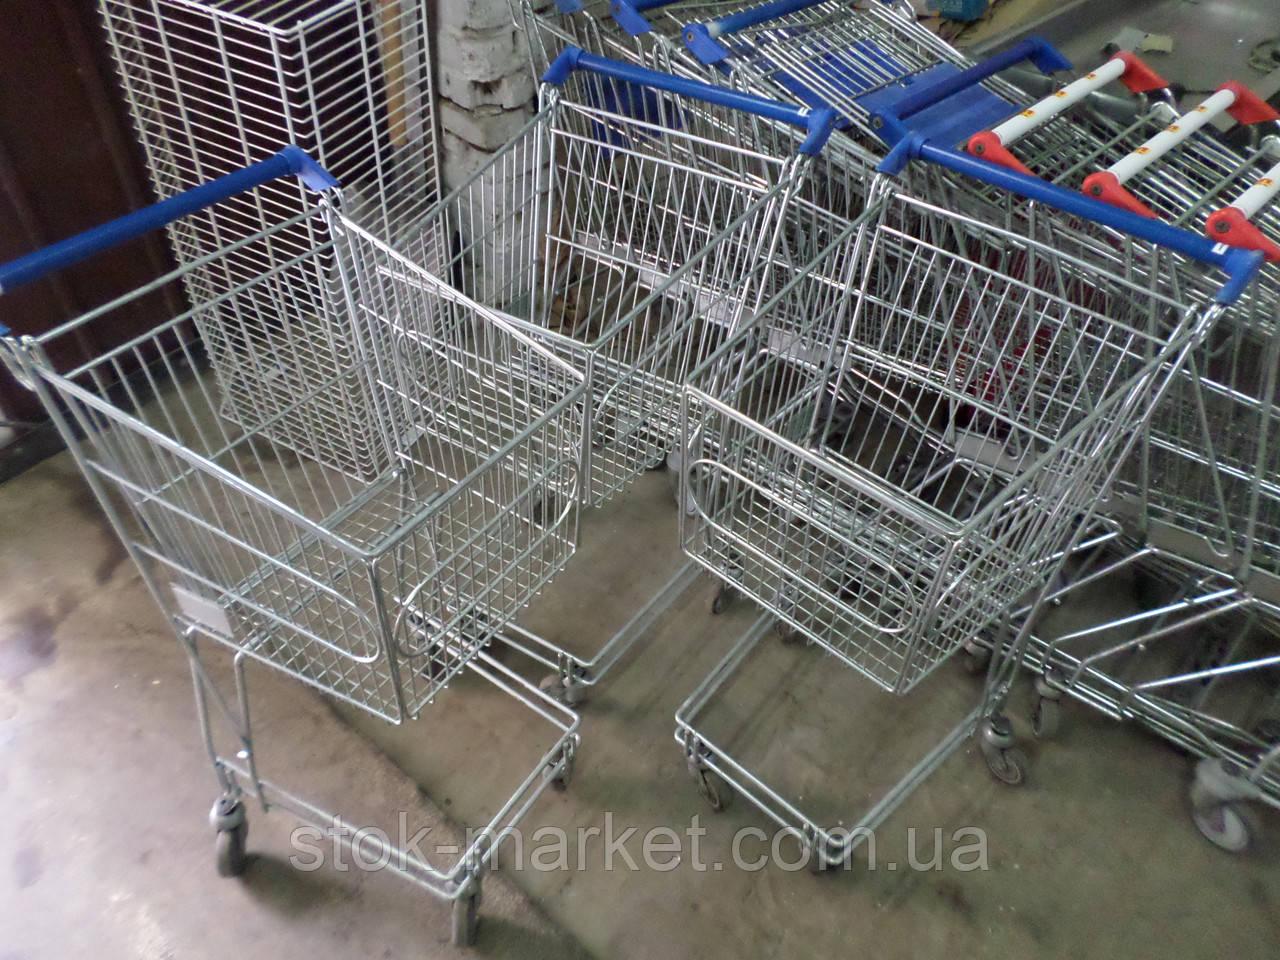 Тележки для самообслуживания 30,60,140 Л. б/у, Тележки для супермаркетов б.у, торговые тележки б/у, покупатель